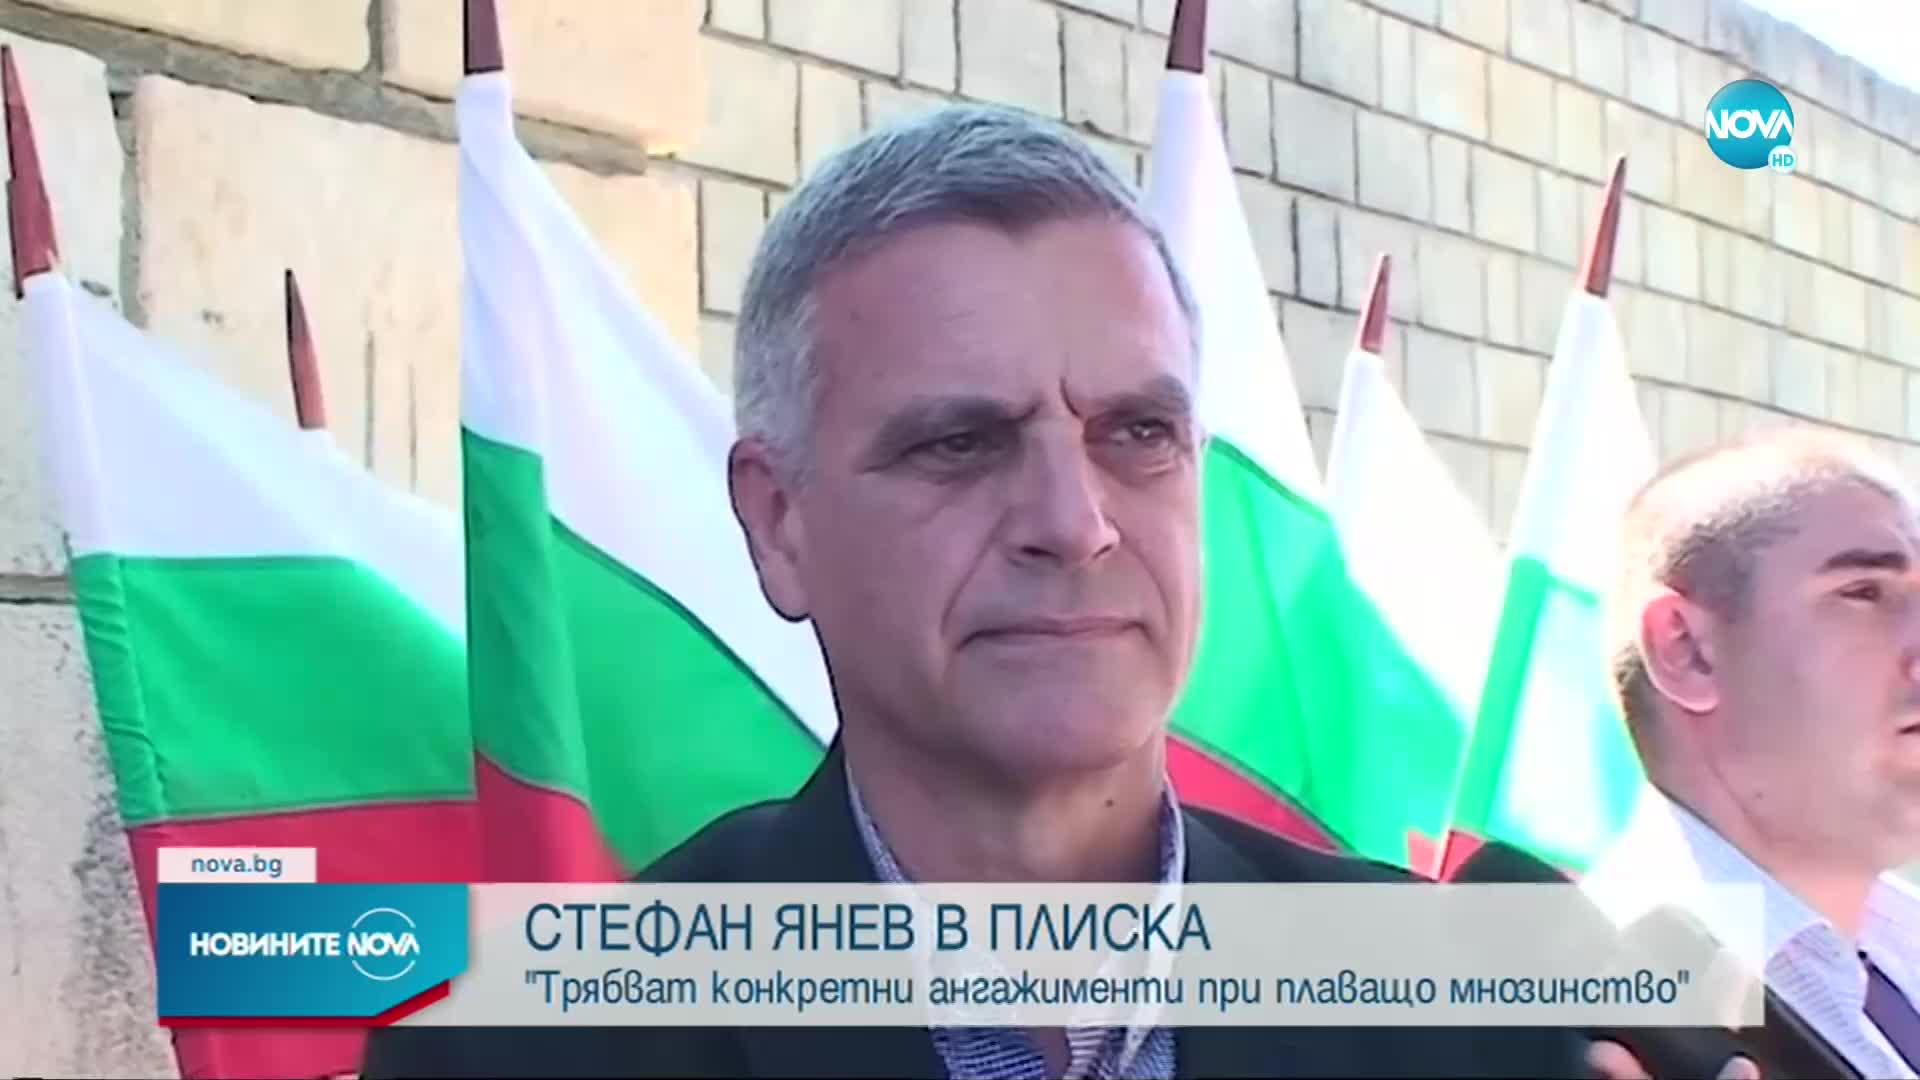 Янев: Сглобяването на мнозинства без ясни ангажименти и приоритети не вещае дългосрочност